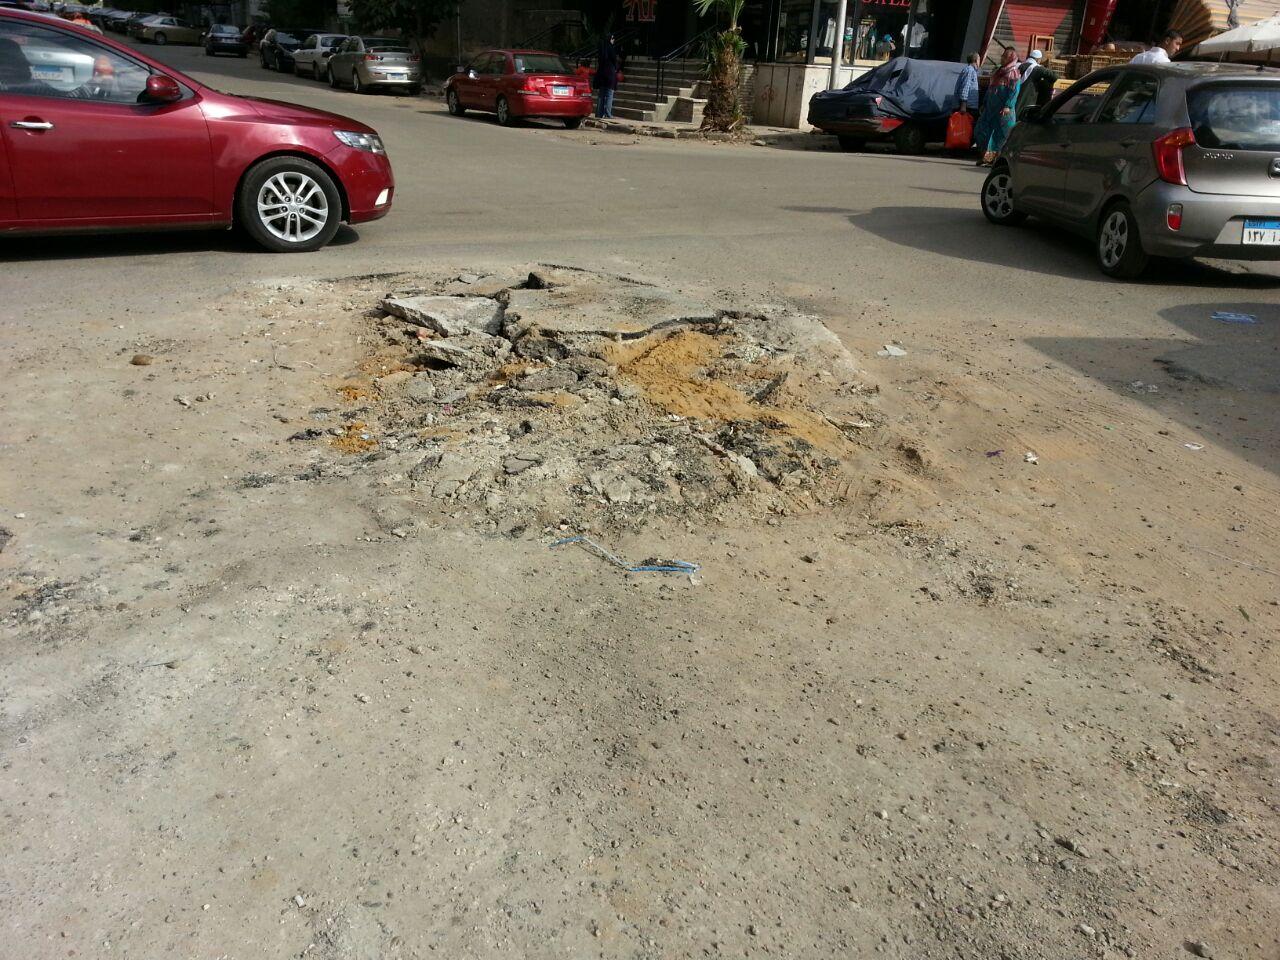 أعمال حفر تعرقل حركة المرور في محيط مسجد الحق بمدينة نصر